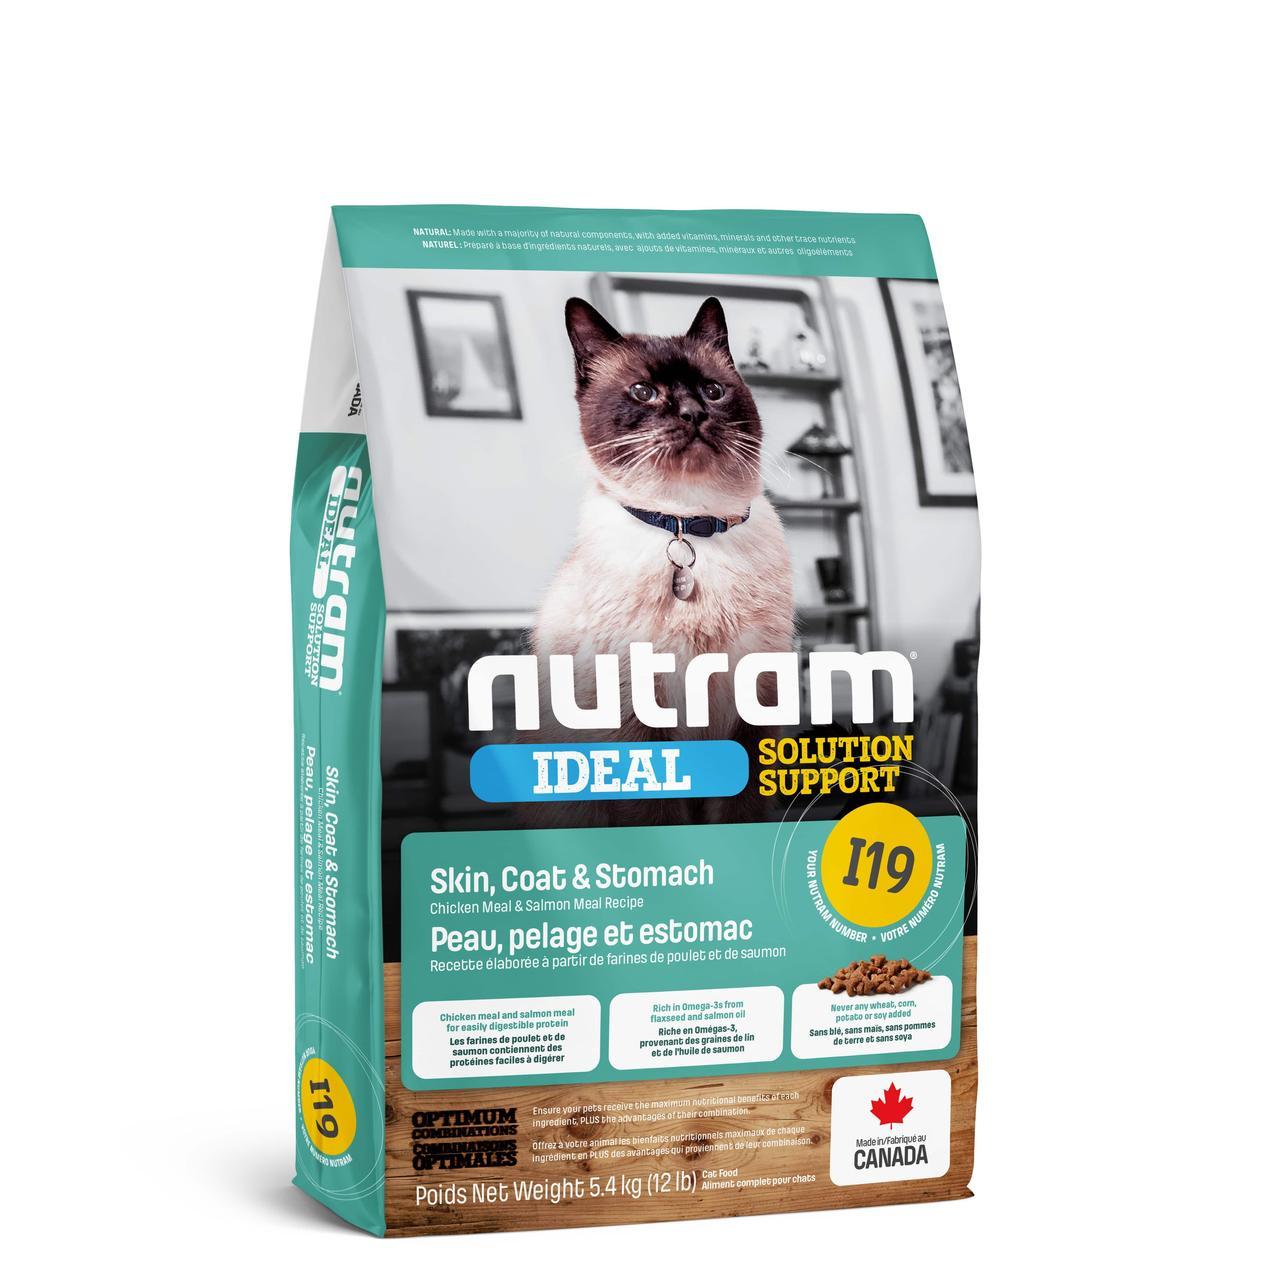 НУТРАМ I19 Nutram Ideal с курицей и лососем сухой корм для котов с проблемами кожи, шерсти, желудка, 5,4 кг